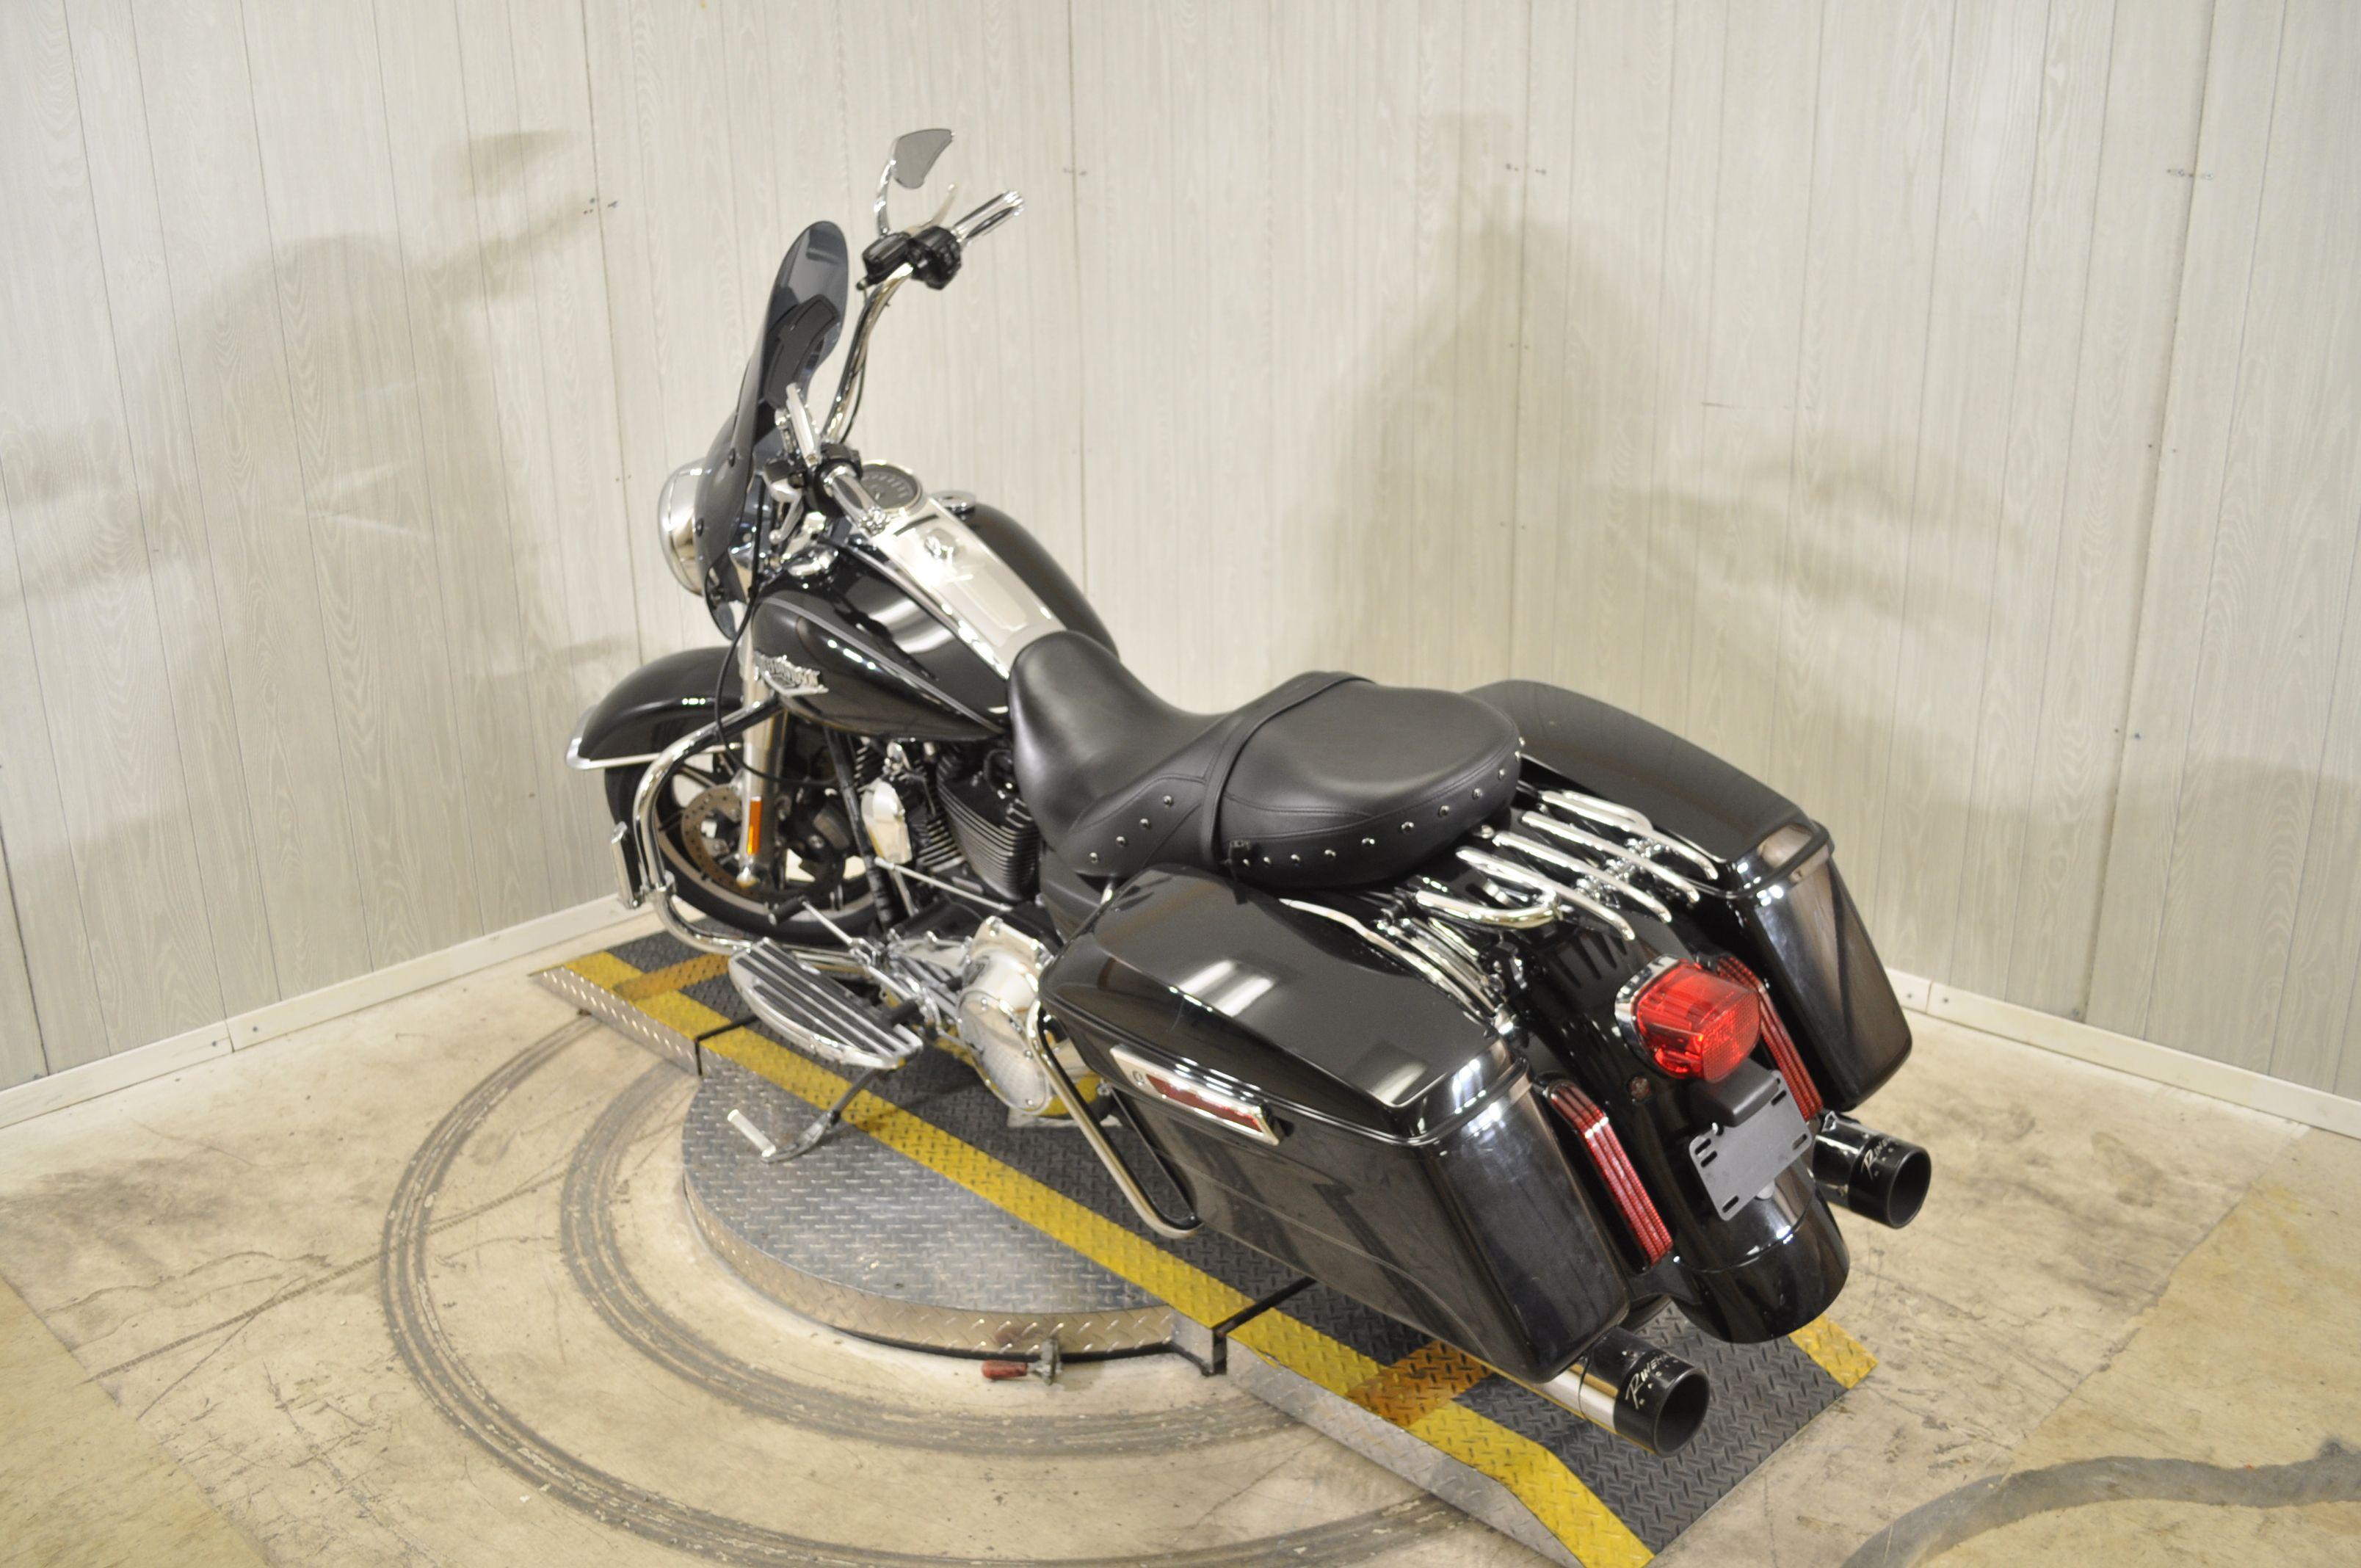 Pre-Owned 2014 Harley-Davidson Road King FLHR